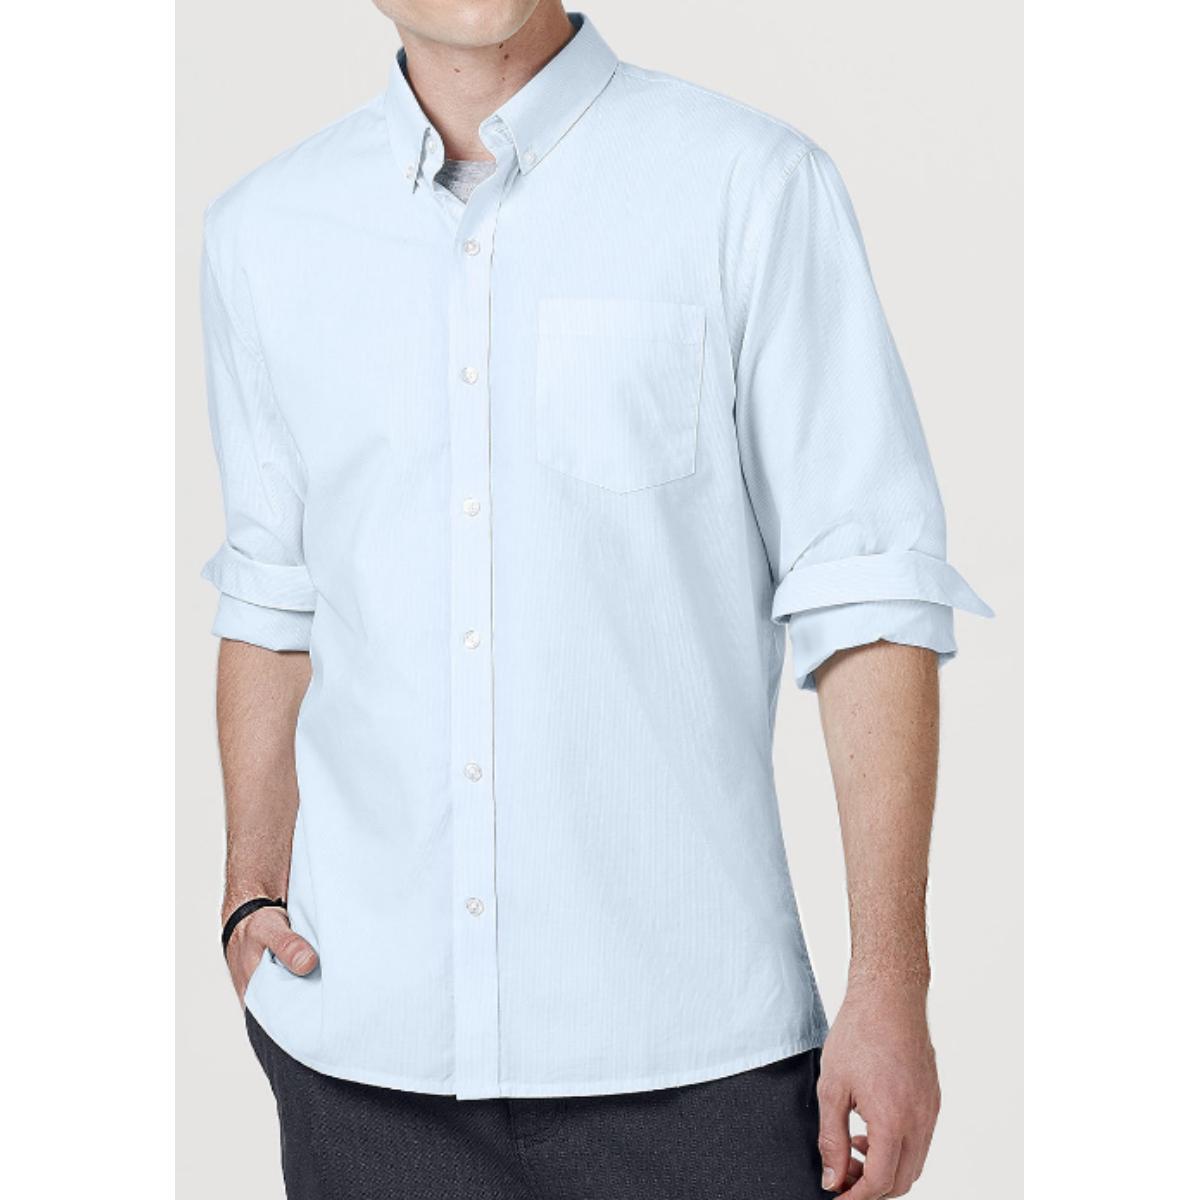 Camisa Masculina Hering K47b 1asi Azul Claro